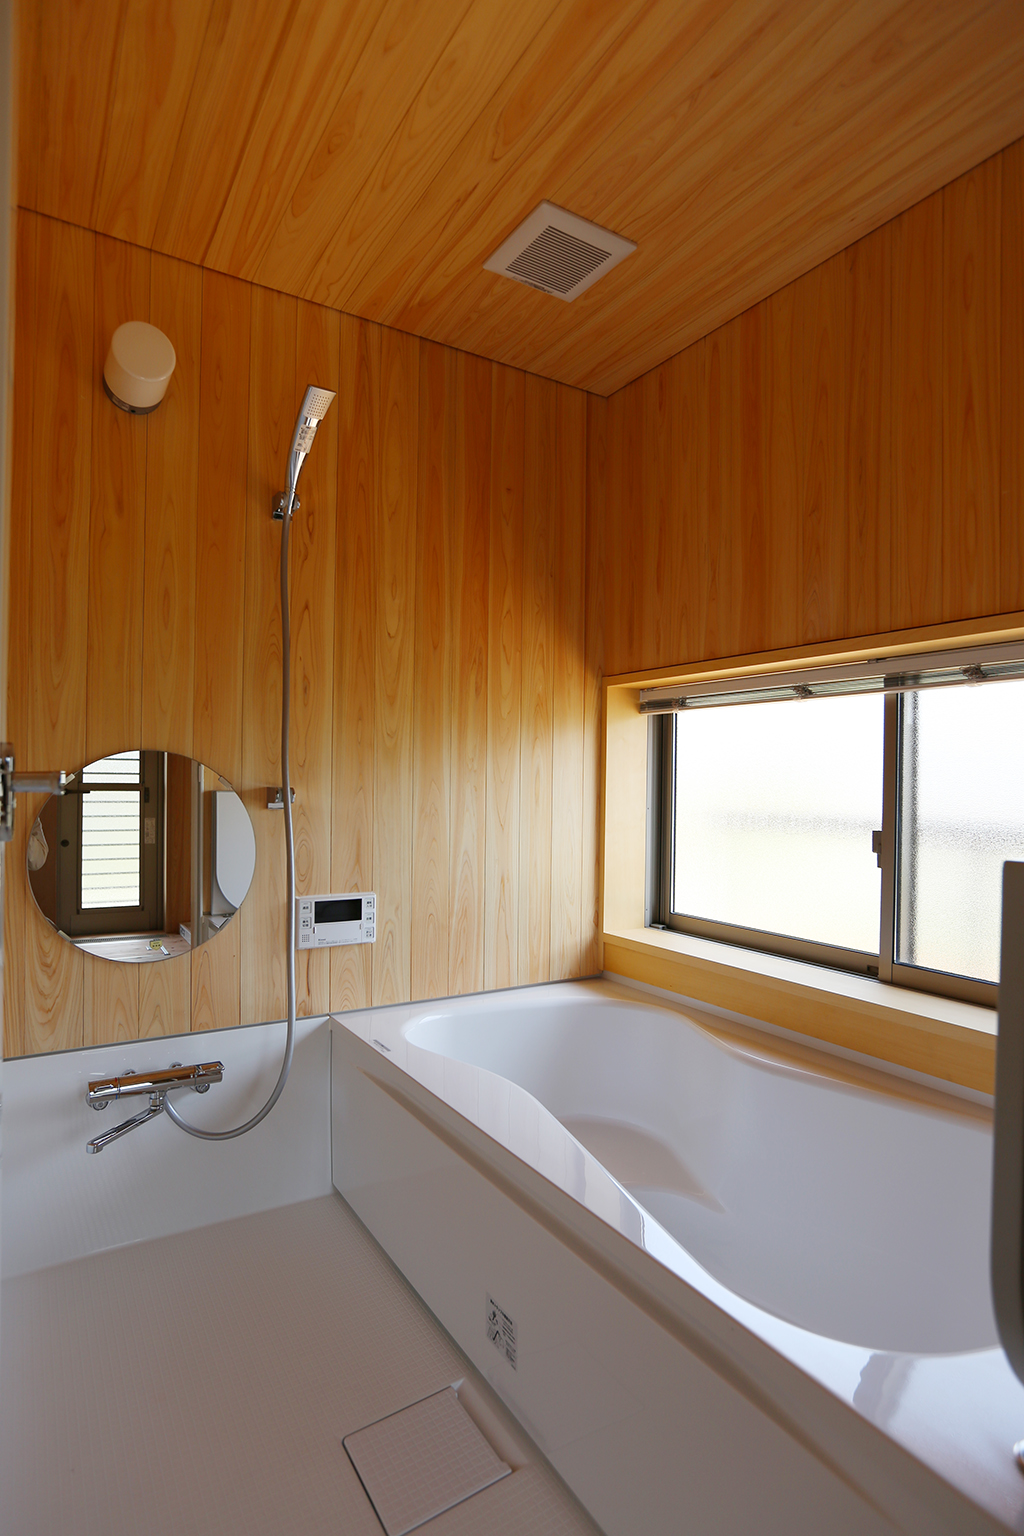 神崎郡の木の家 桧貼りのハーフユニットバス